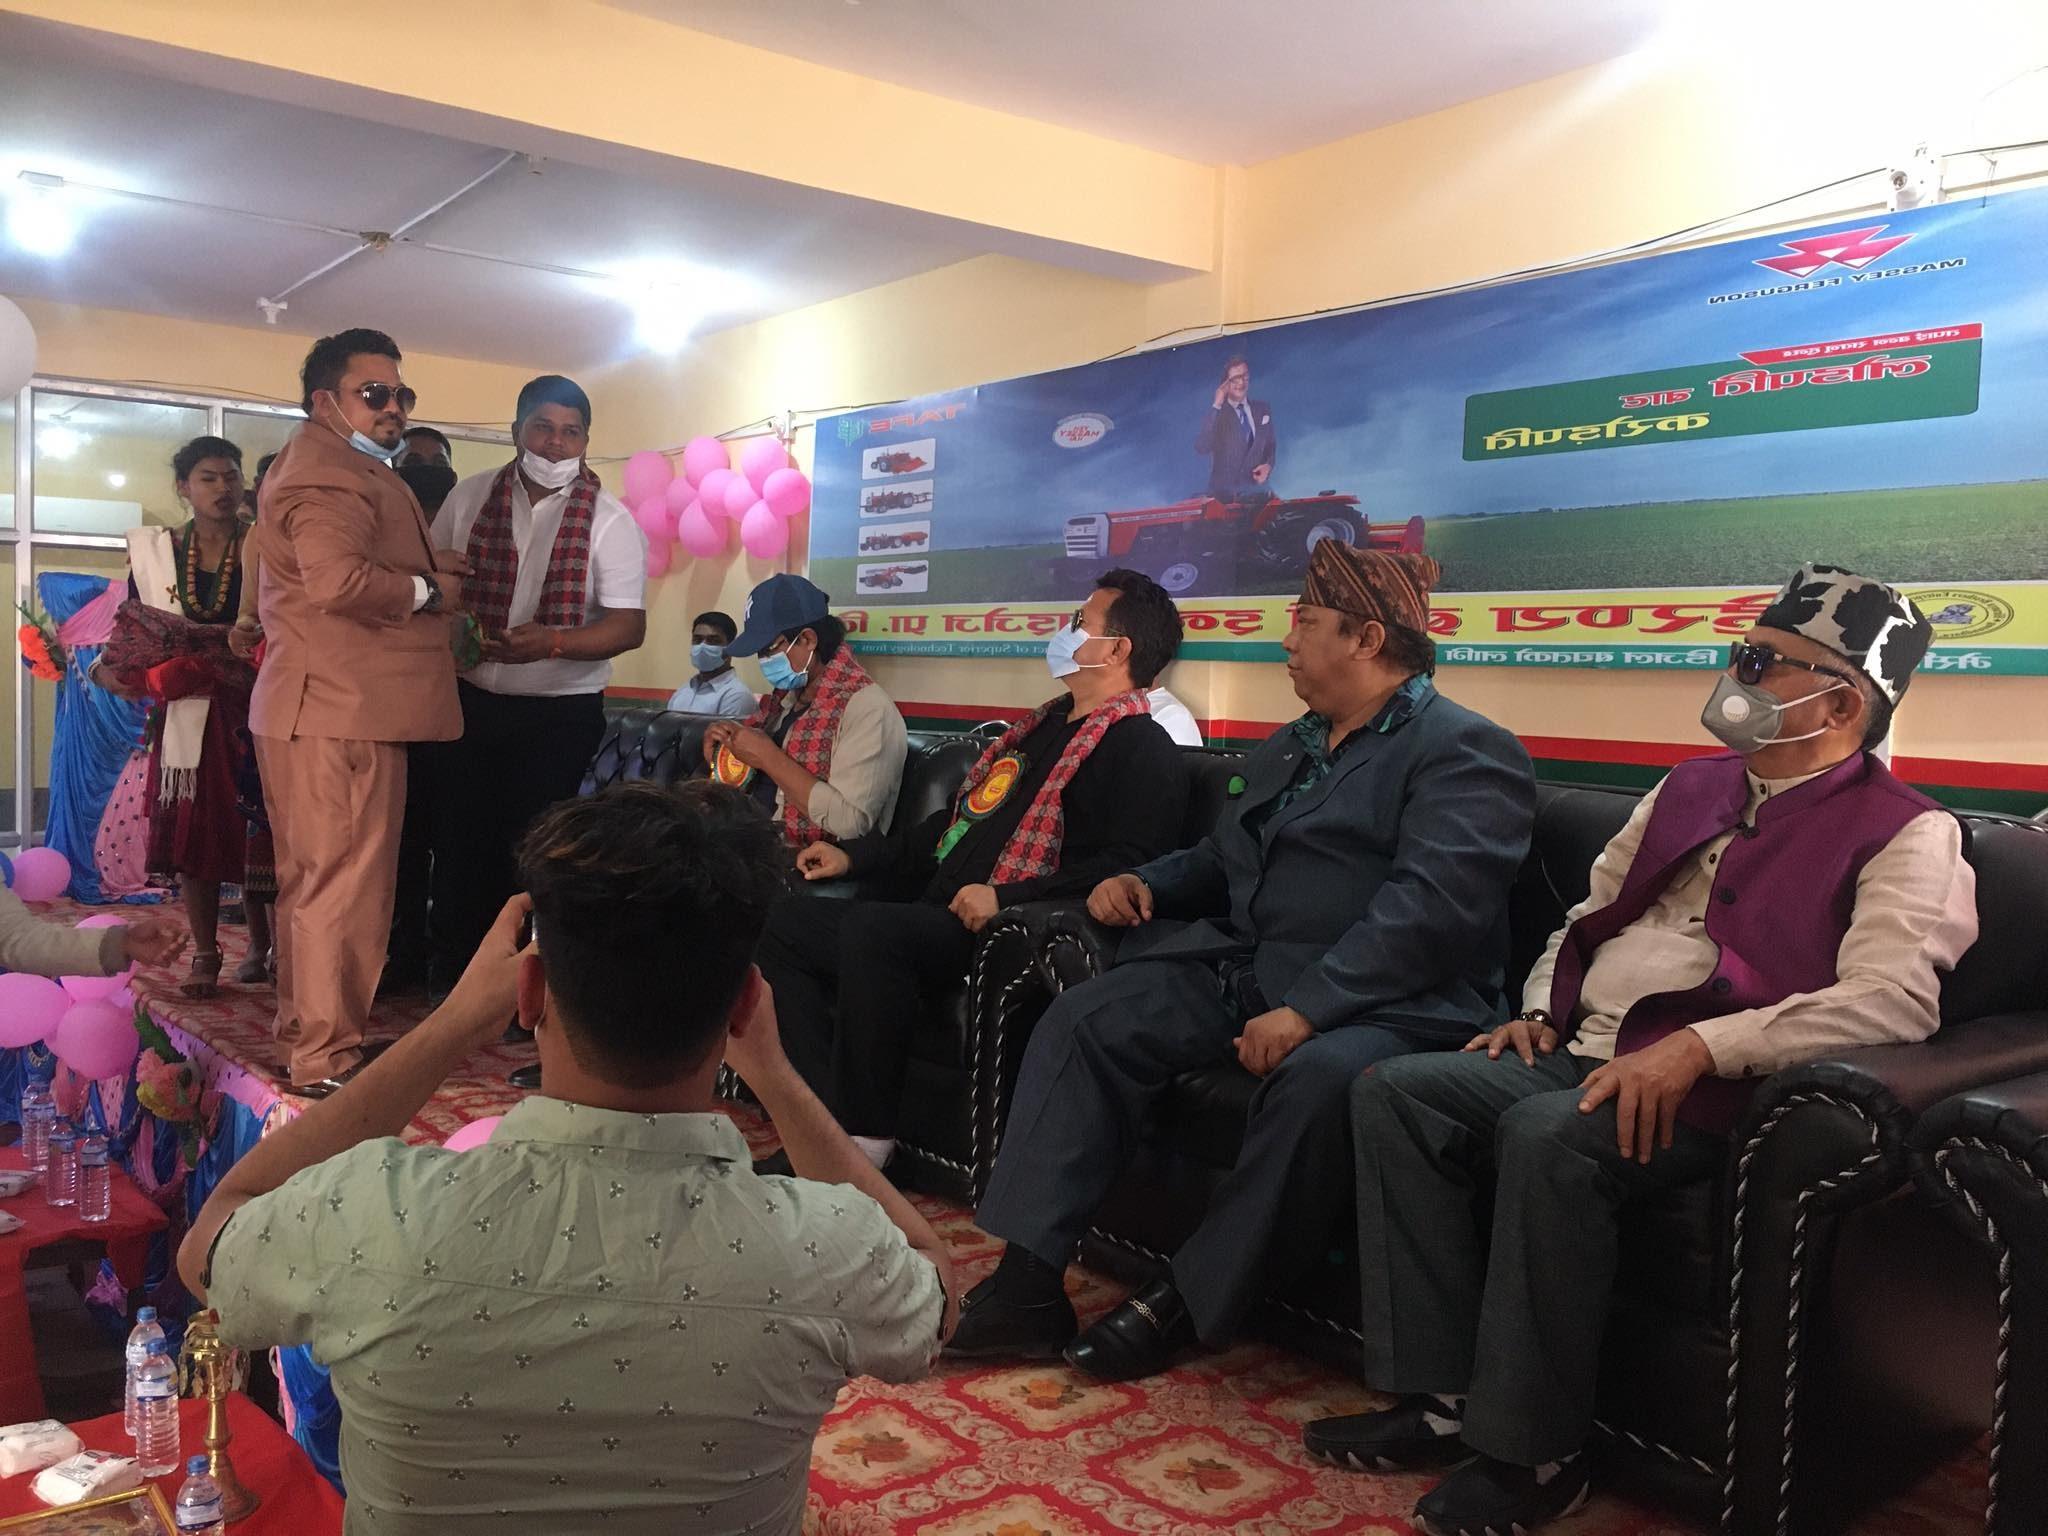 भारतको प्रख्यात टाफे ग्रुपको मेसि कम्पनीको ट्याक्टर पहिलो पटक धनगढीमा सोरुम